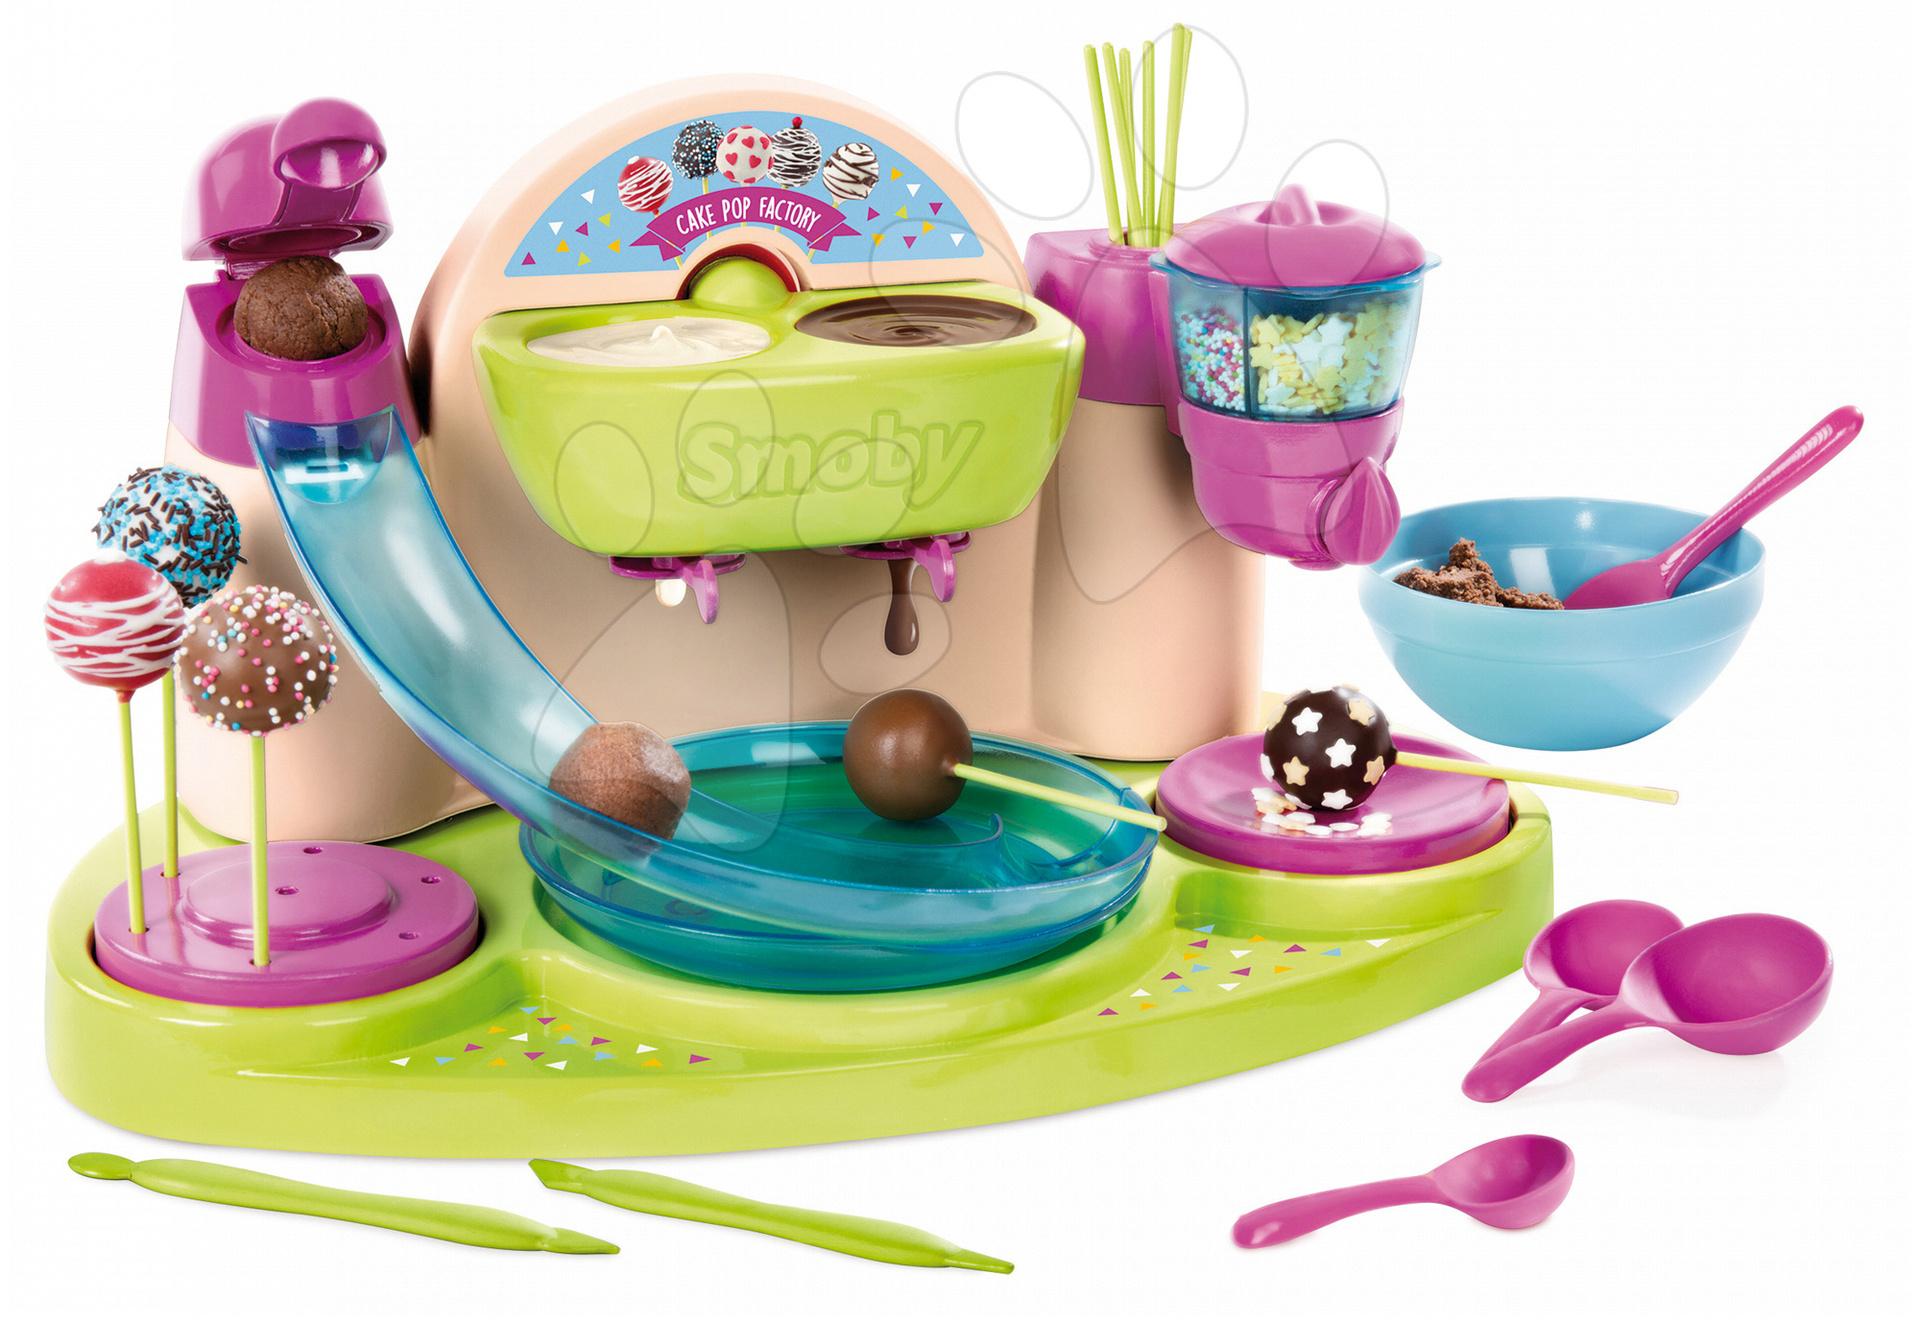 Smoby detská cukráreň pre výrobu čokoládových lízaniek Chef 312103 ružovo-zelená